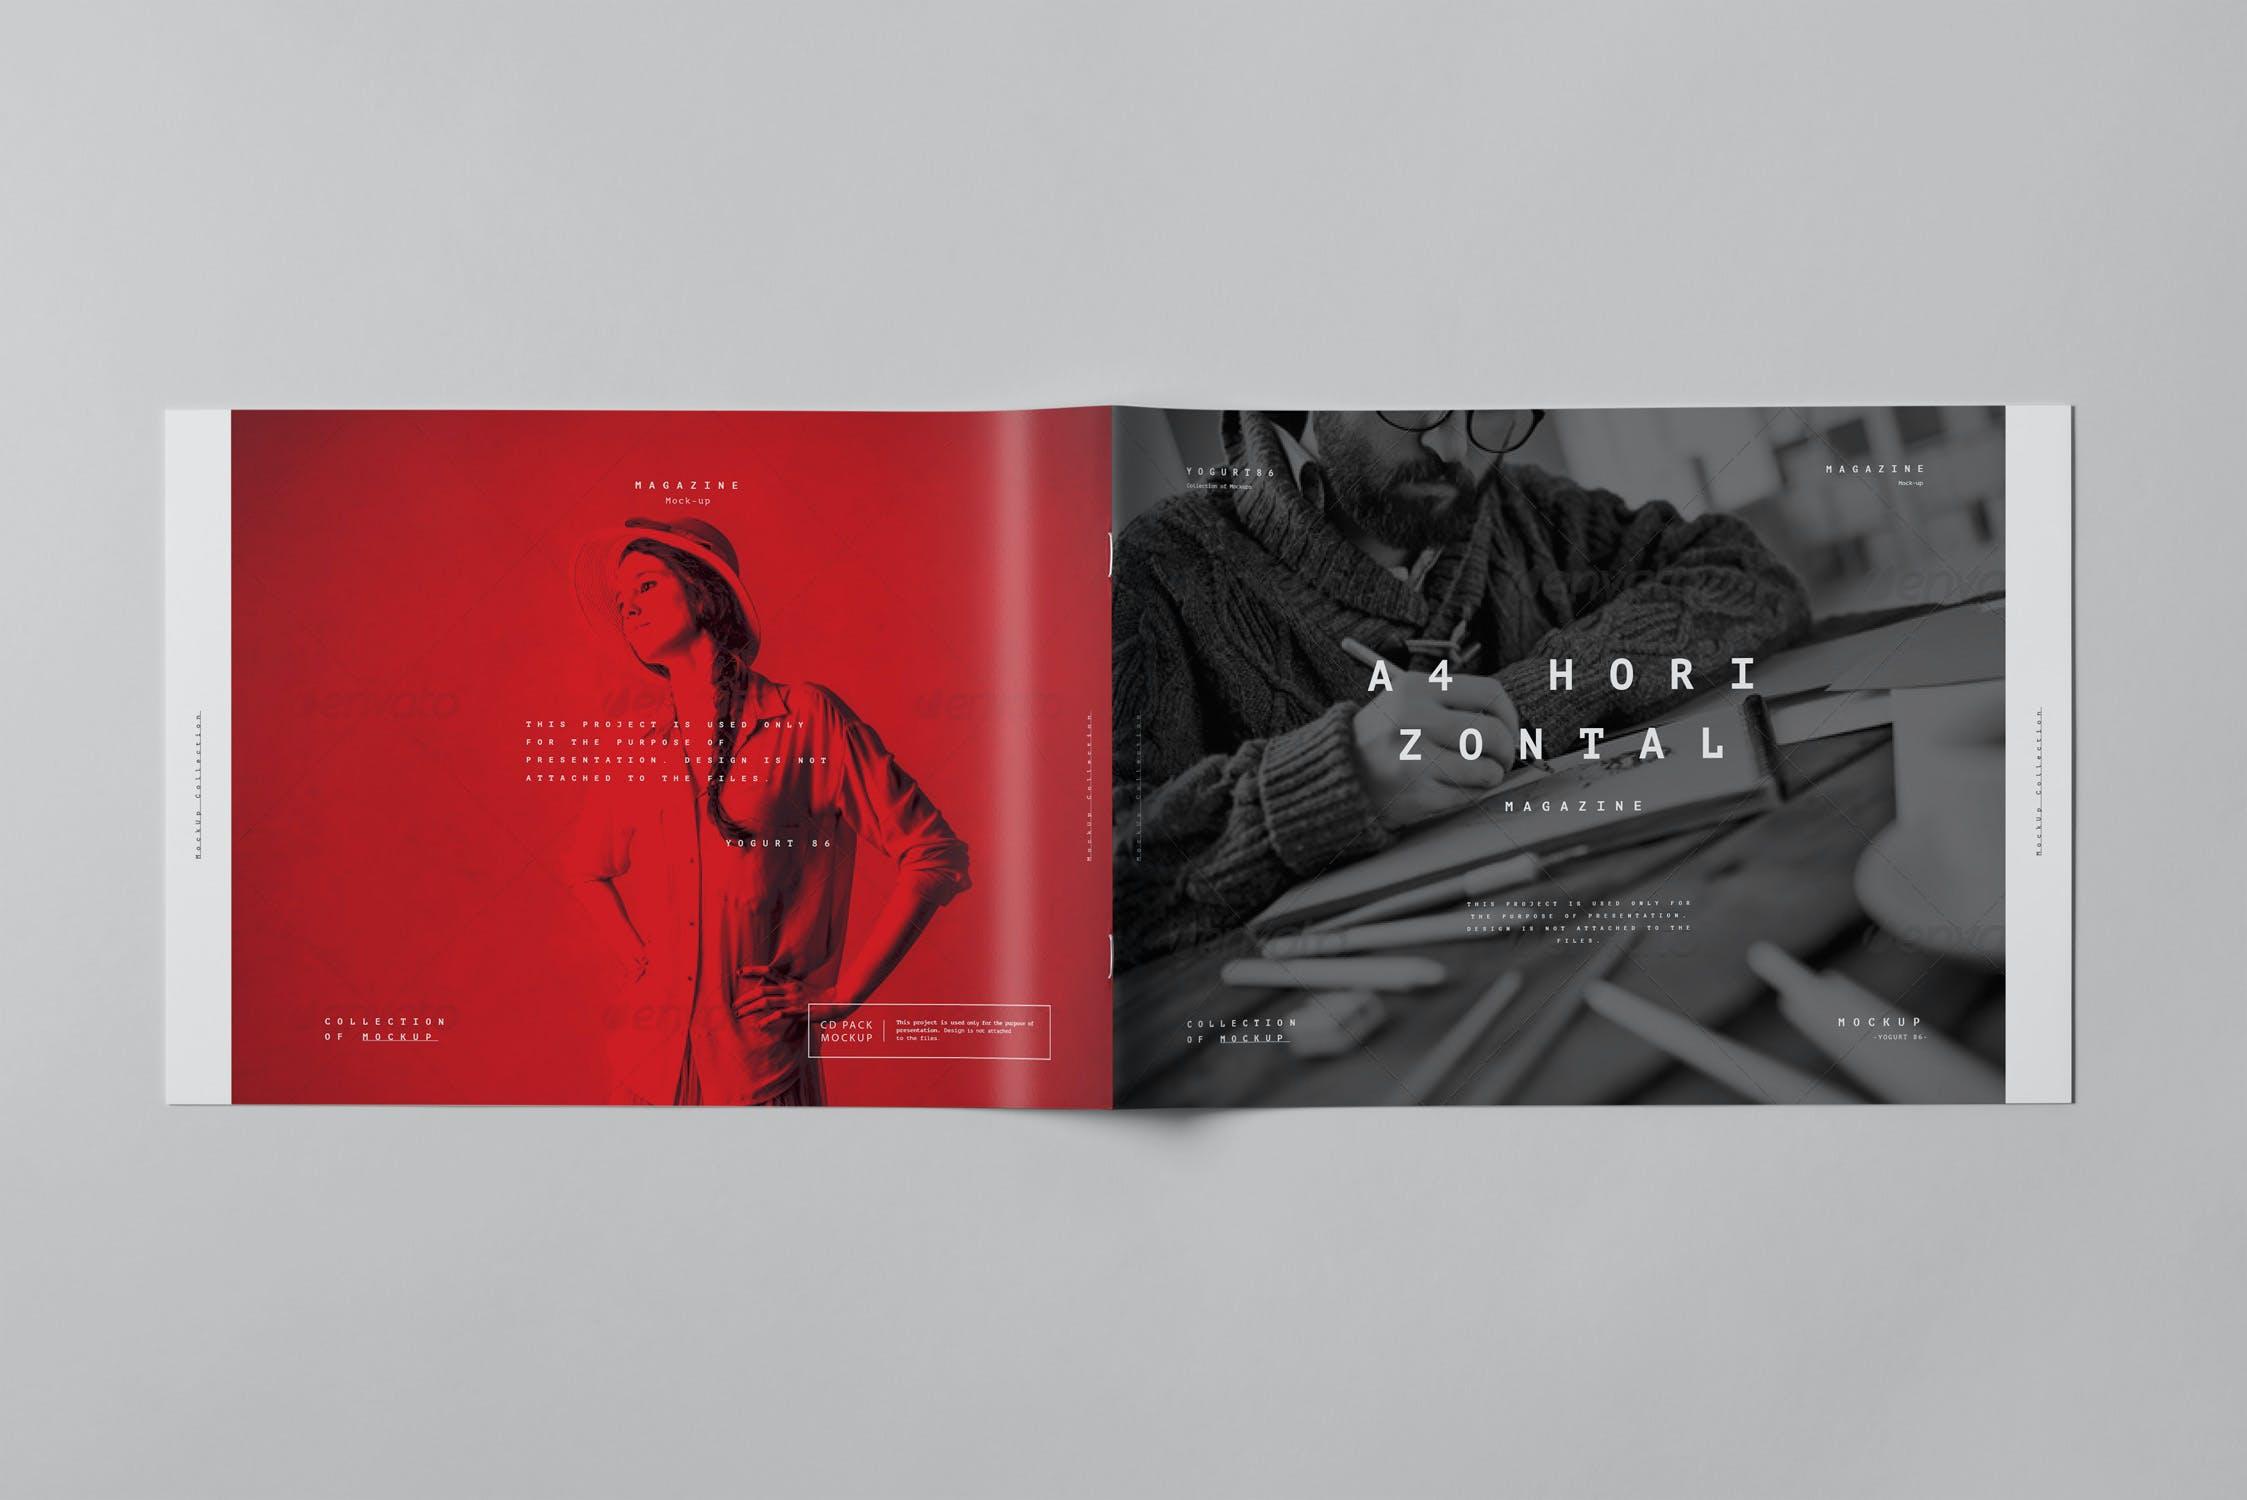 10款横版A4画册杂志设计展示样机模板 A4 Horizontal Brochure Mockup 3插图(10)